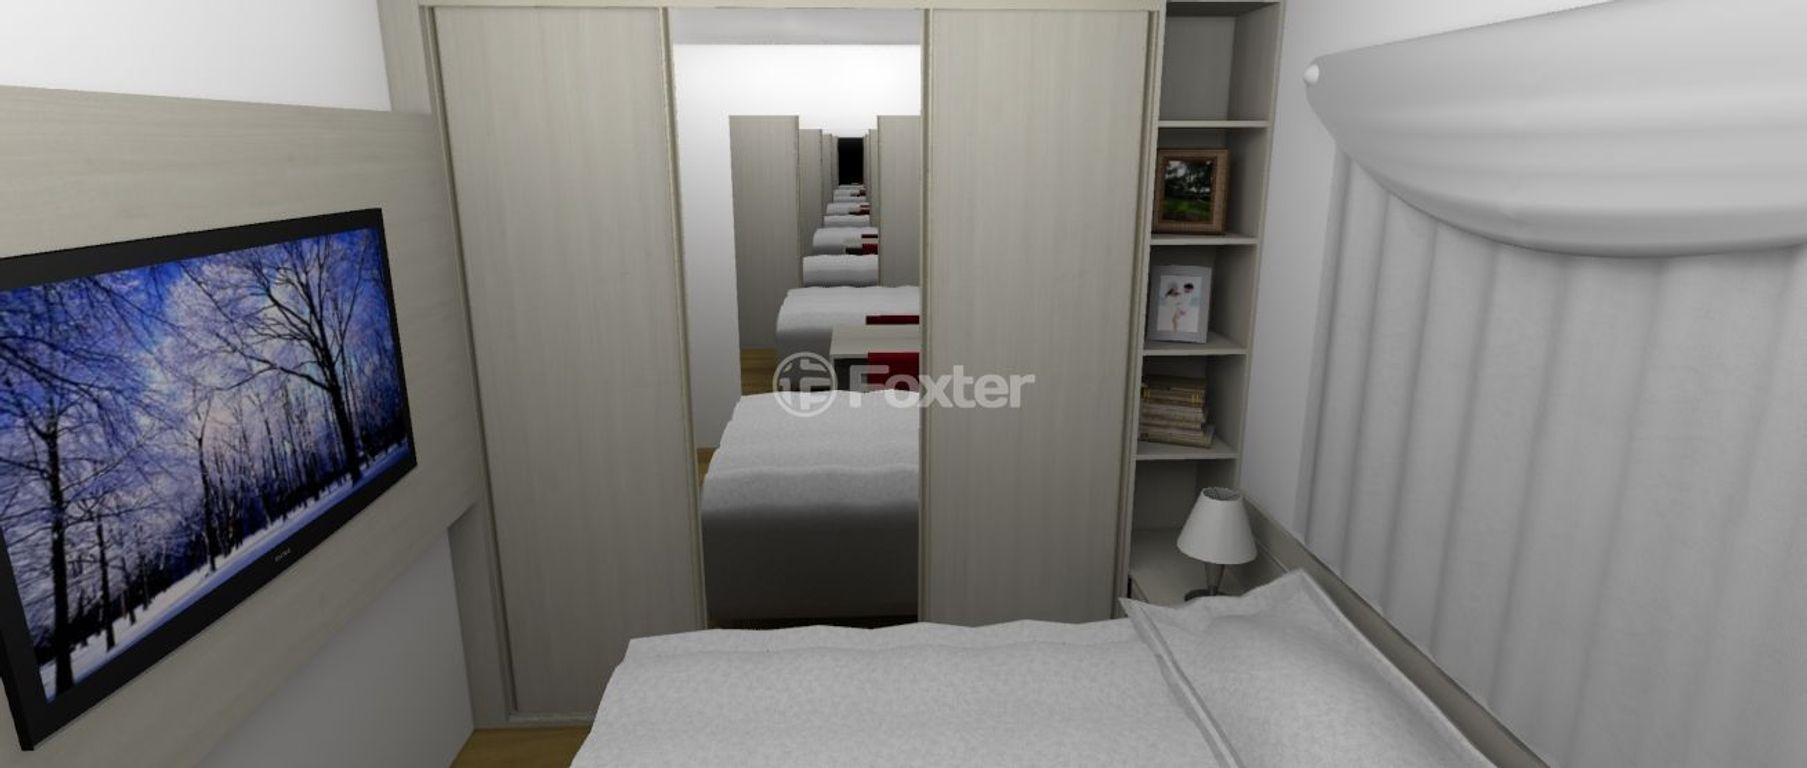 Apto 2 Dorm, Olaria, Canoas (141211) - Foto 12